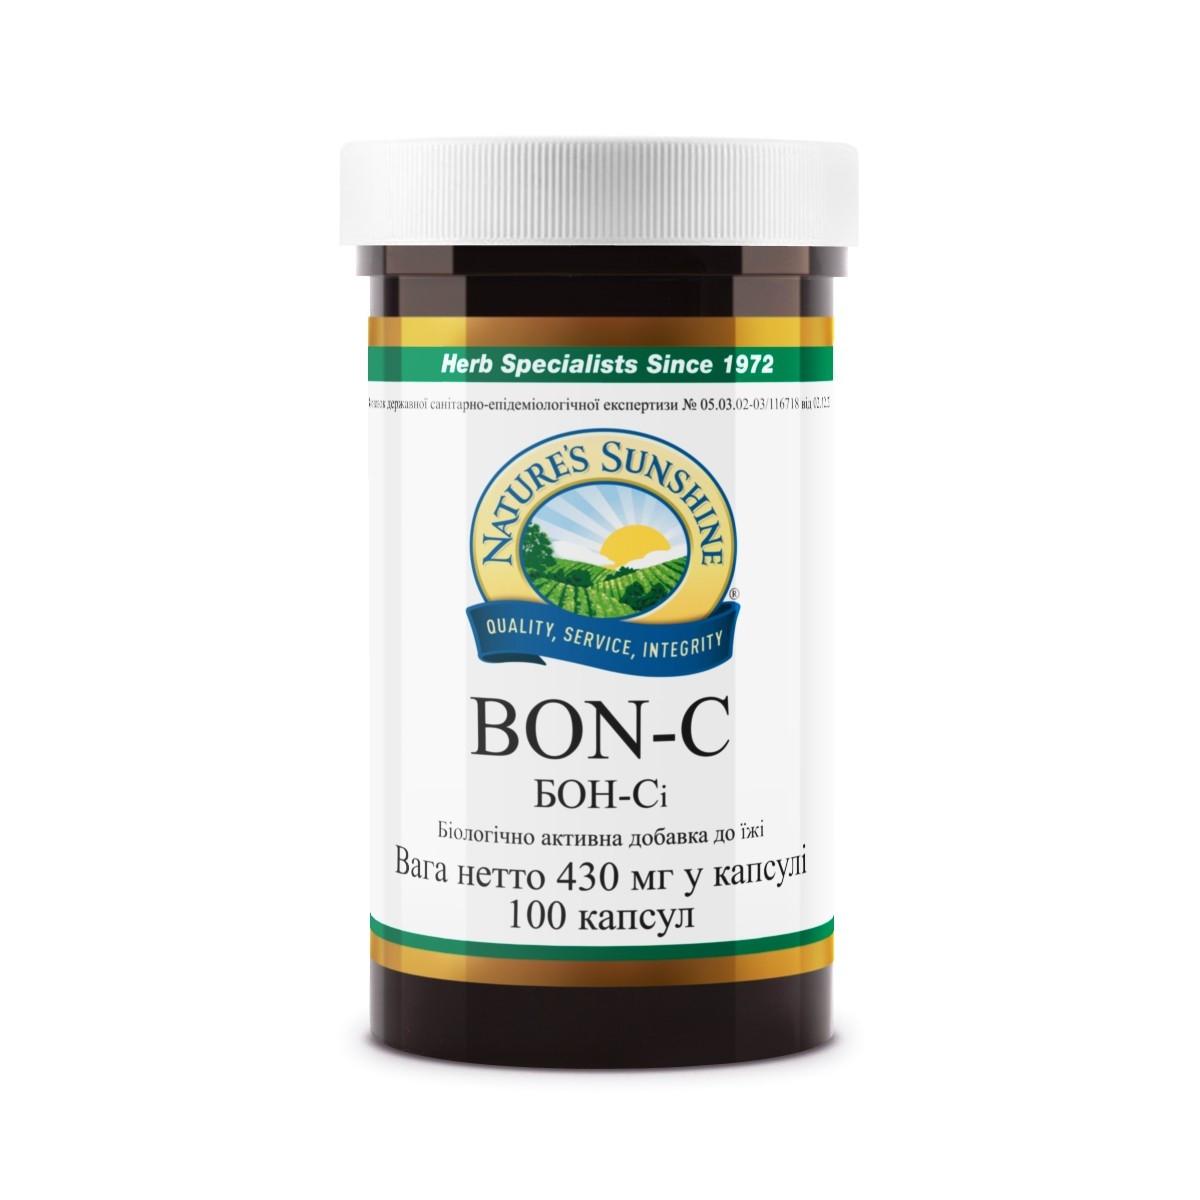 БОН-СИ бад НСП кальций с кремнием для волос, кожи и ногтей.